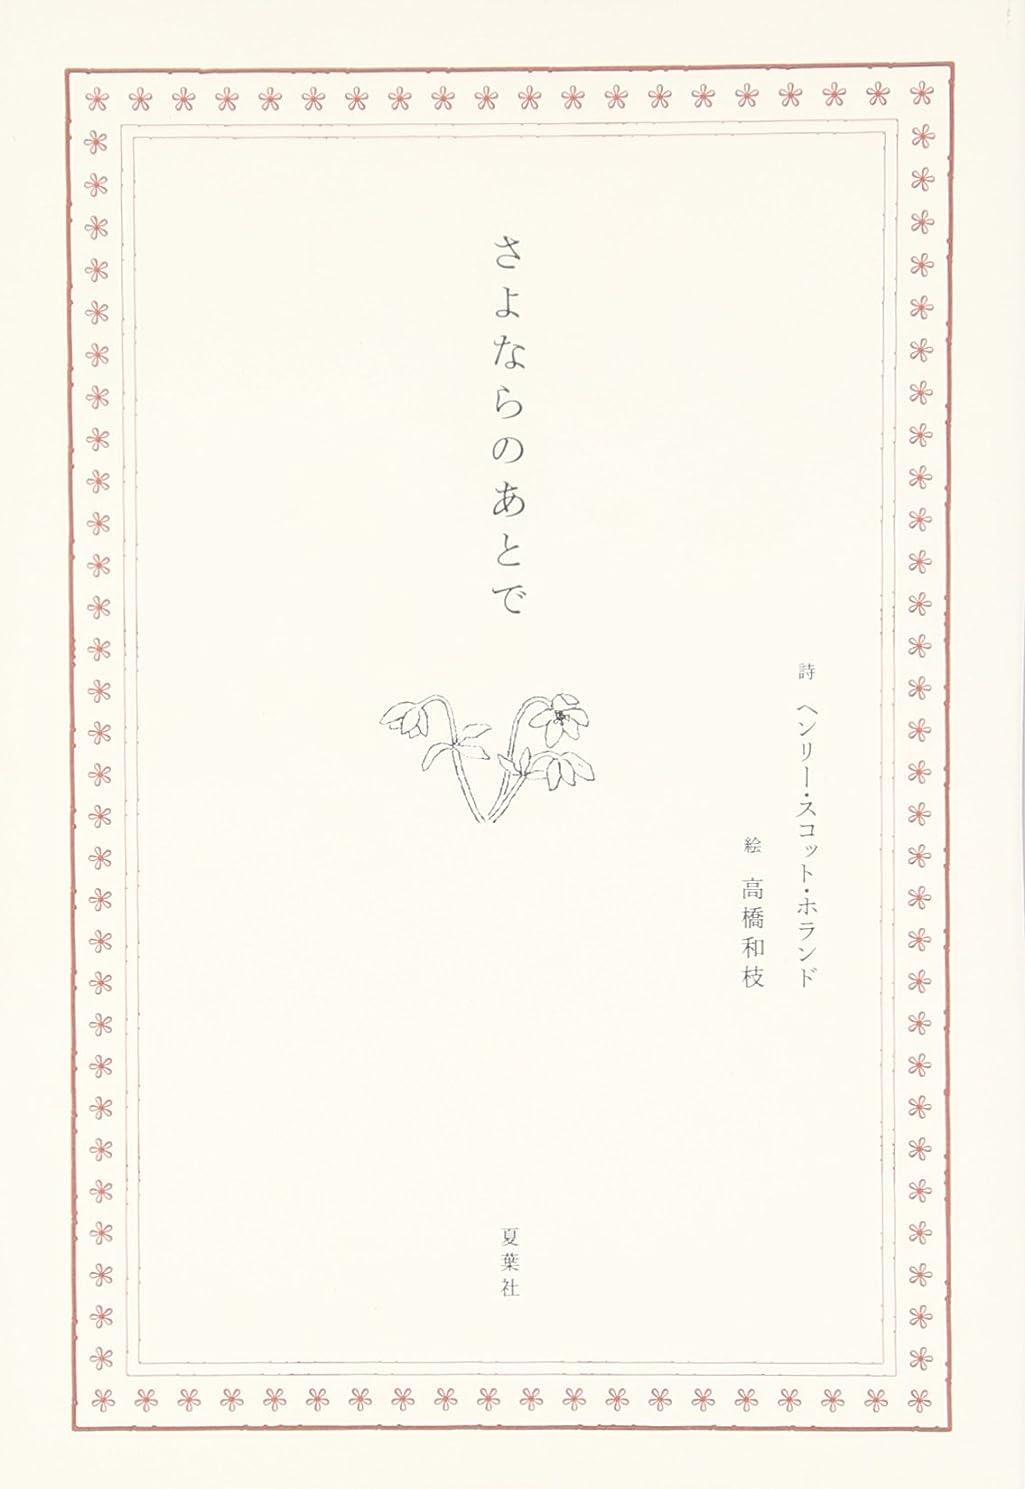 検索エンジン最適化彫刻家合法ヴェルディ オテッロ (オペラ対訳ライブラリー)